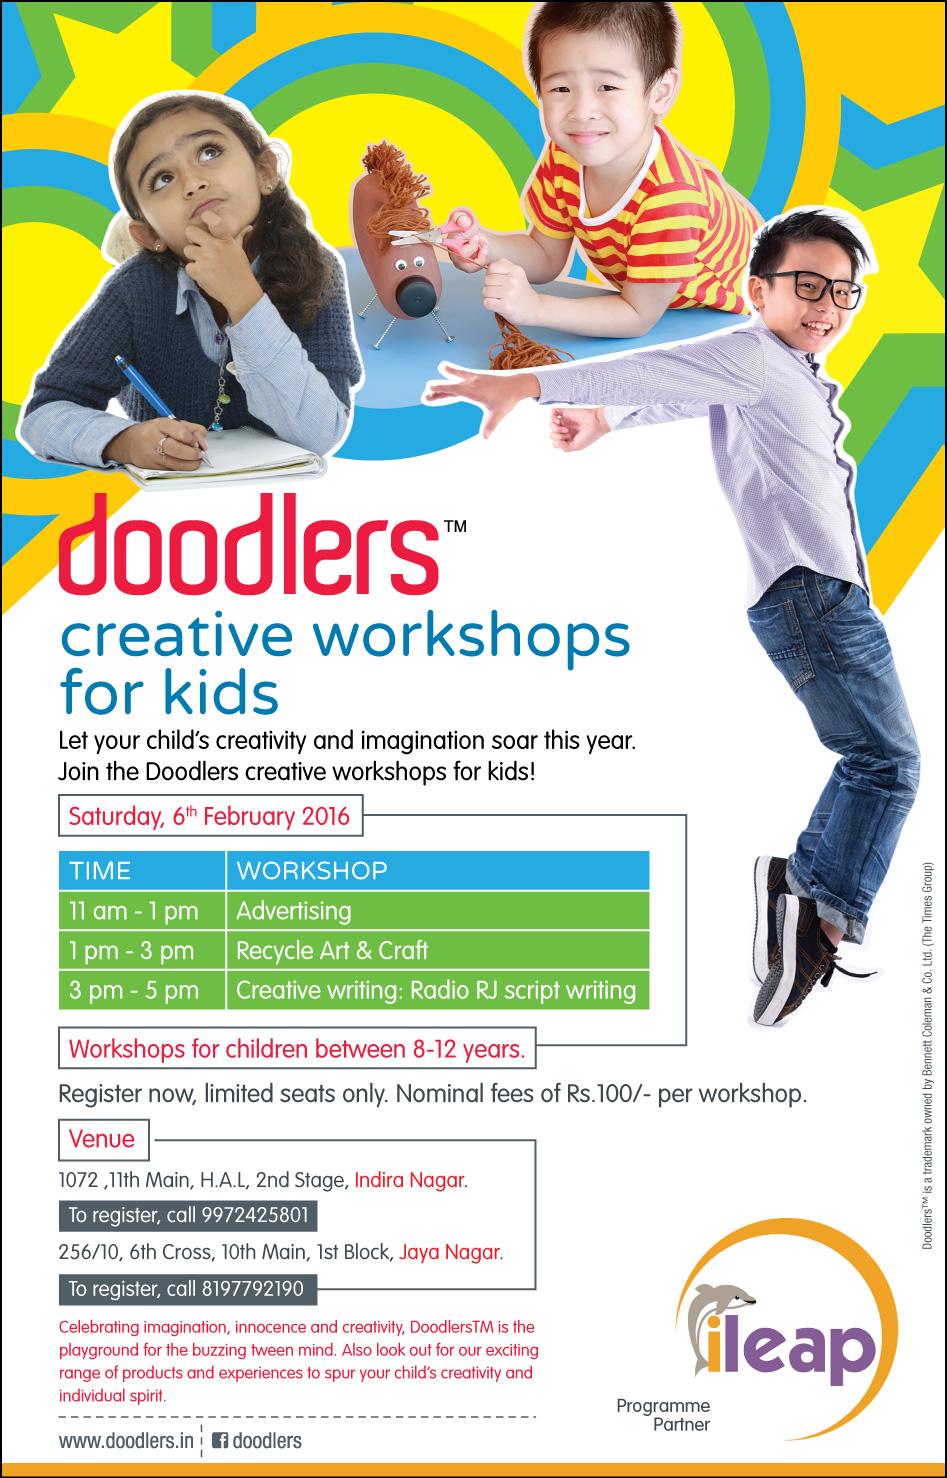 Doodlers Creative Workshops for Kids Cover Image